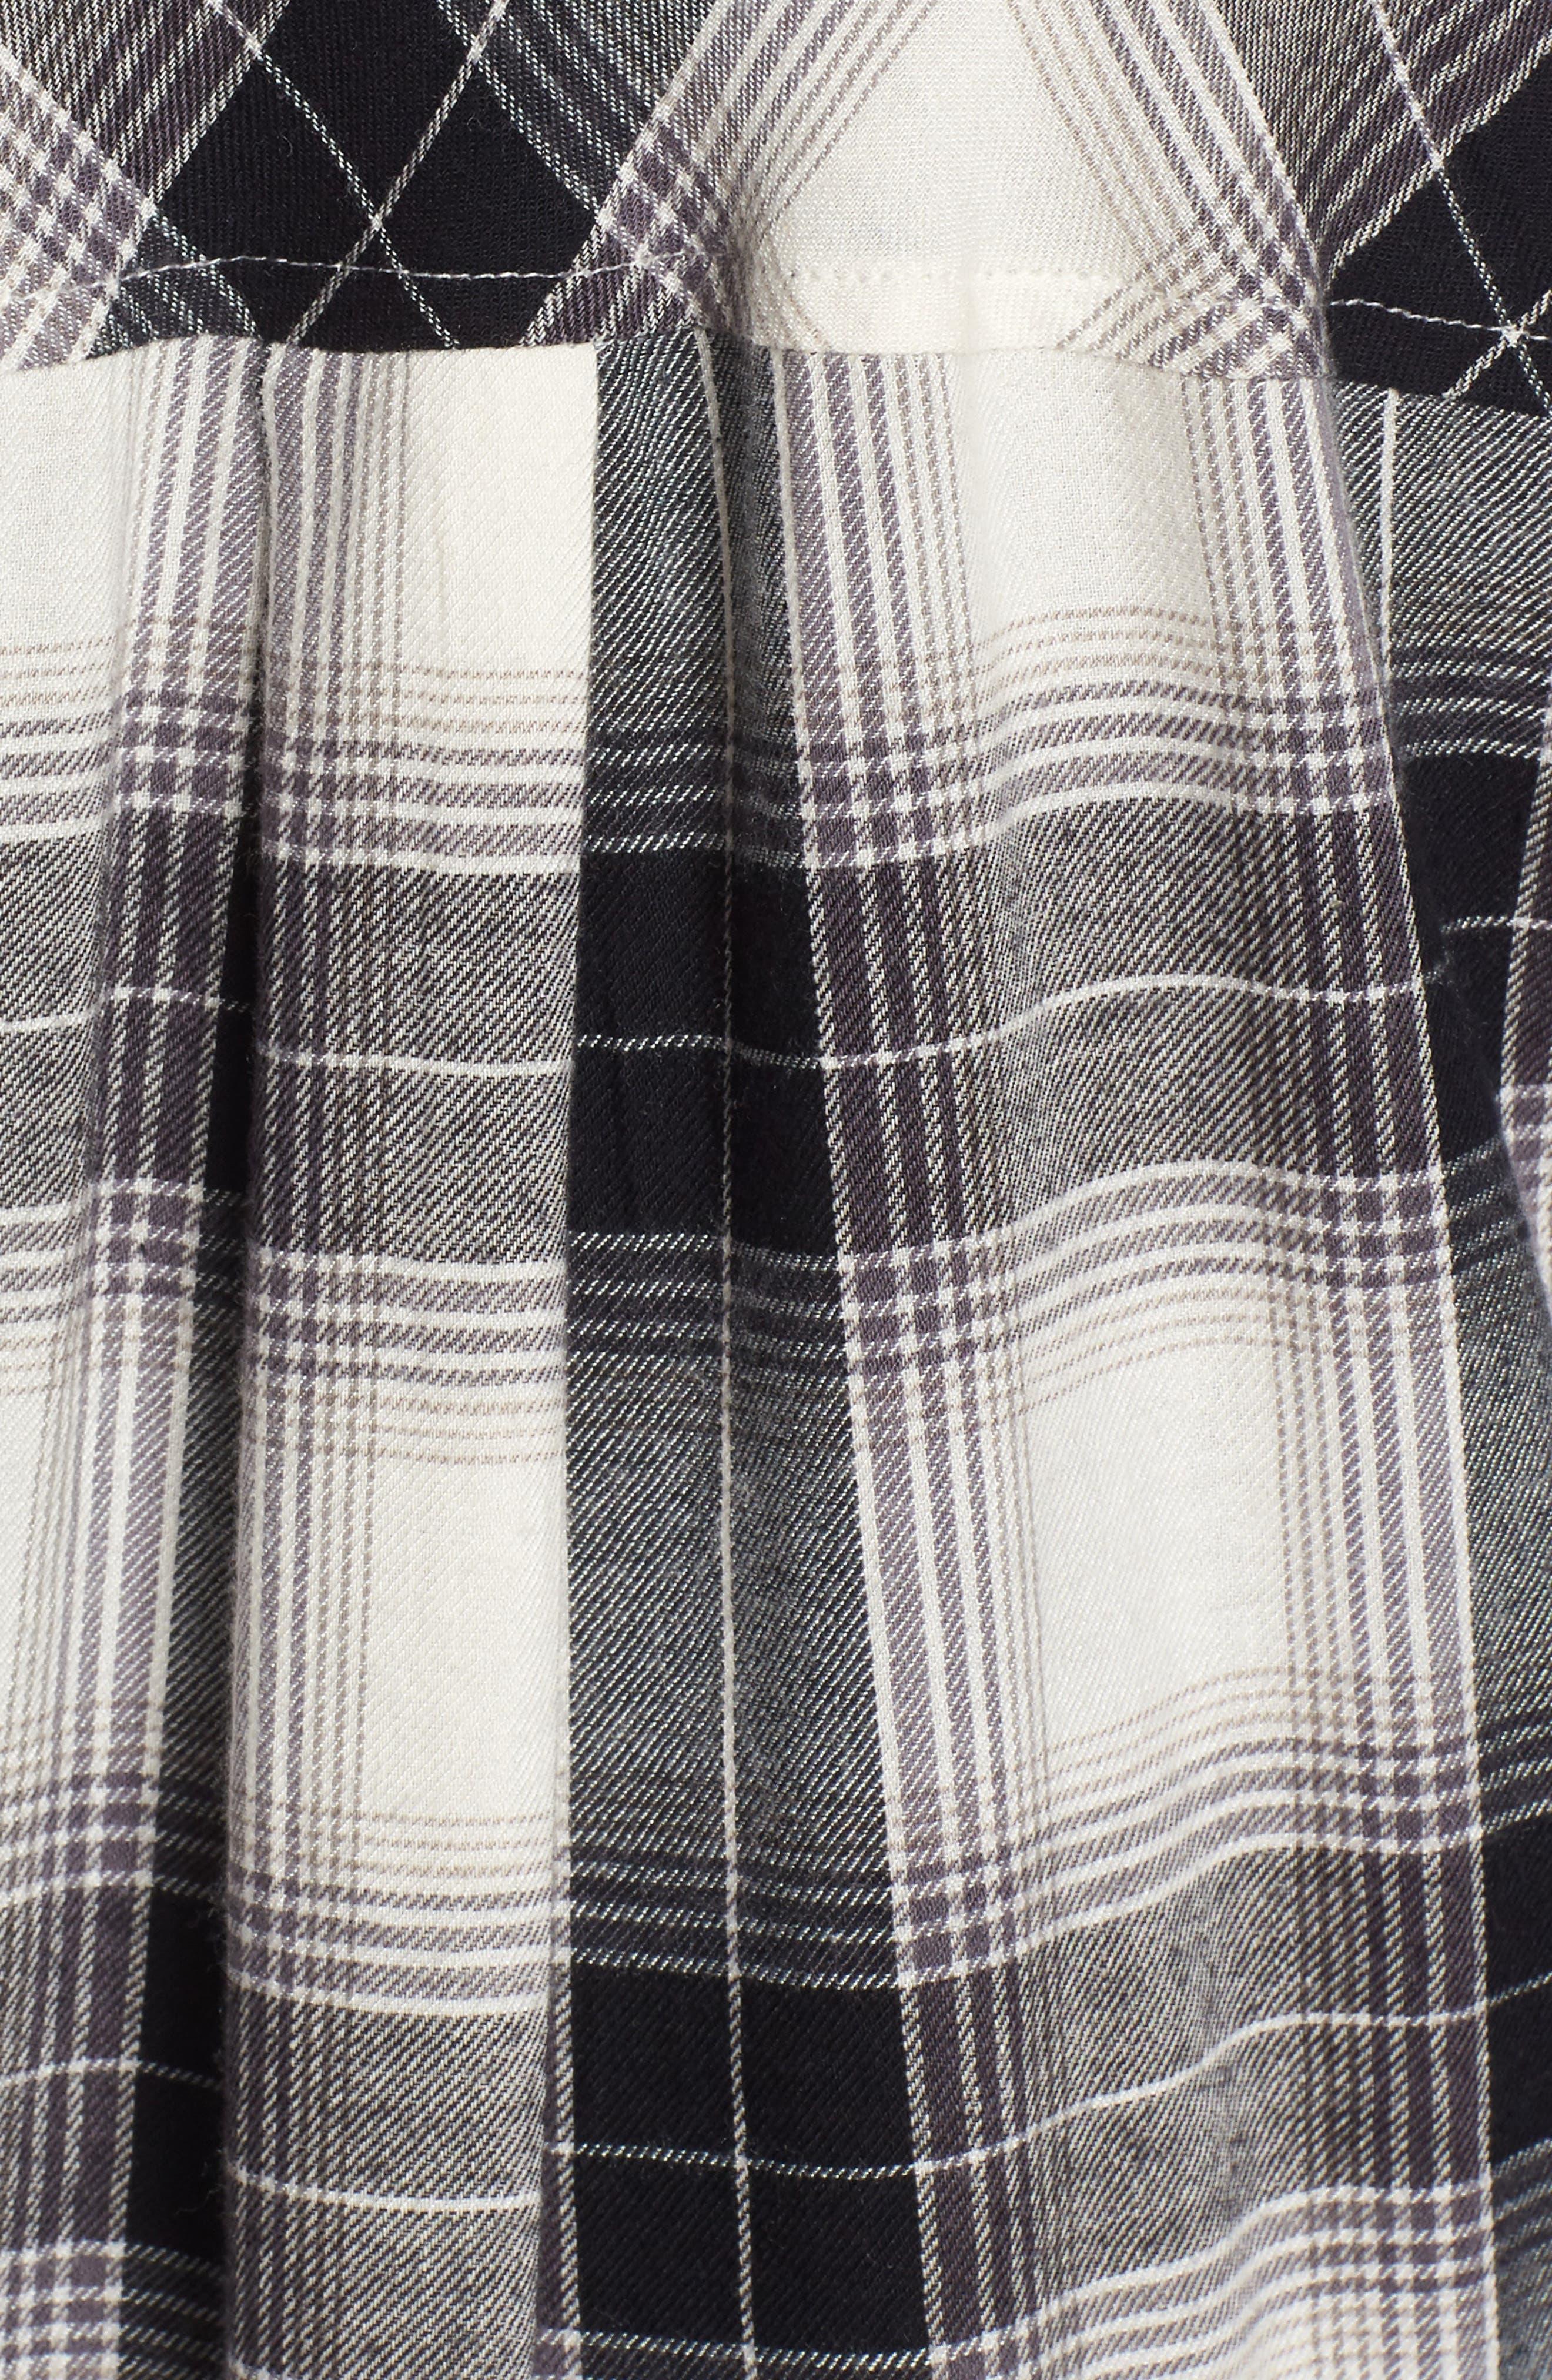 Plaid Cotton Blend Shirt,                             Alternate thumbnail 25, color,